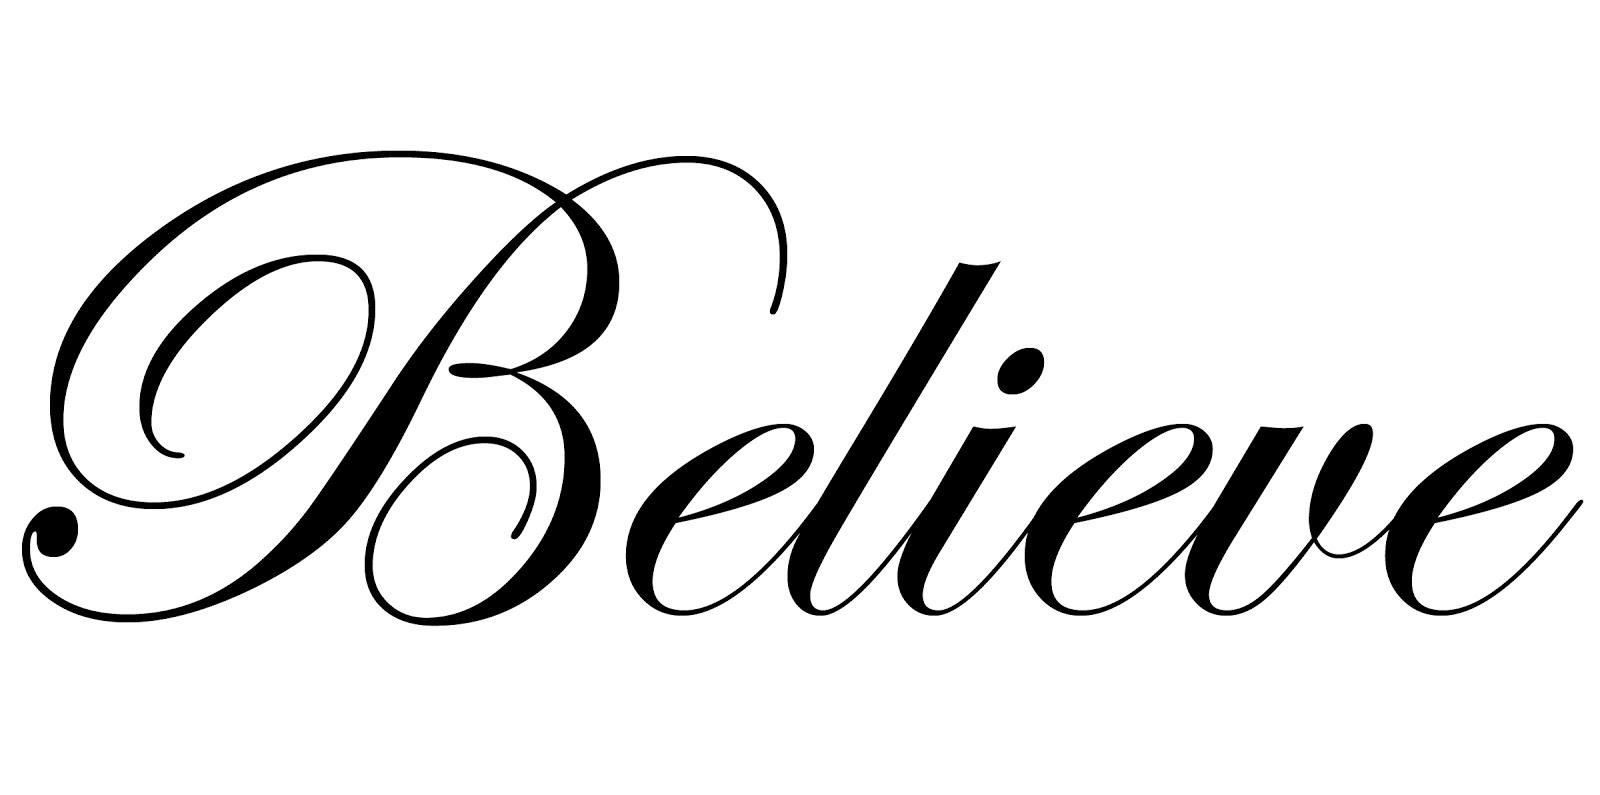 Believe clipart bubble letters picture black and white Believe Word Cliparts - Cliparts Zone picture black and white